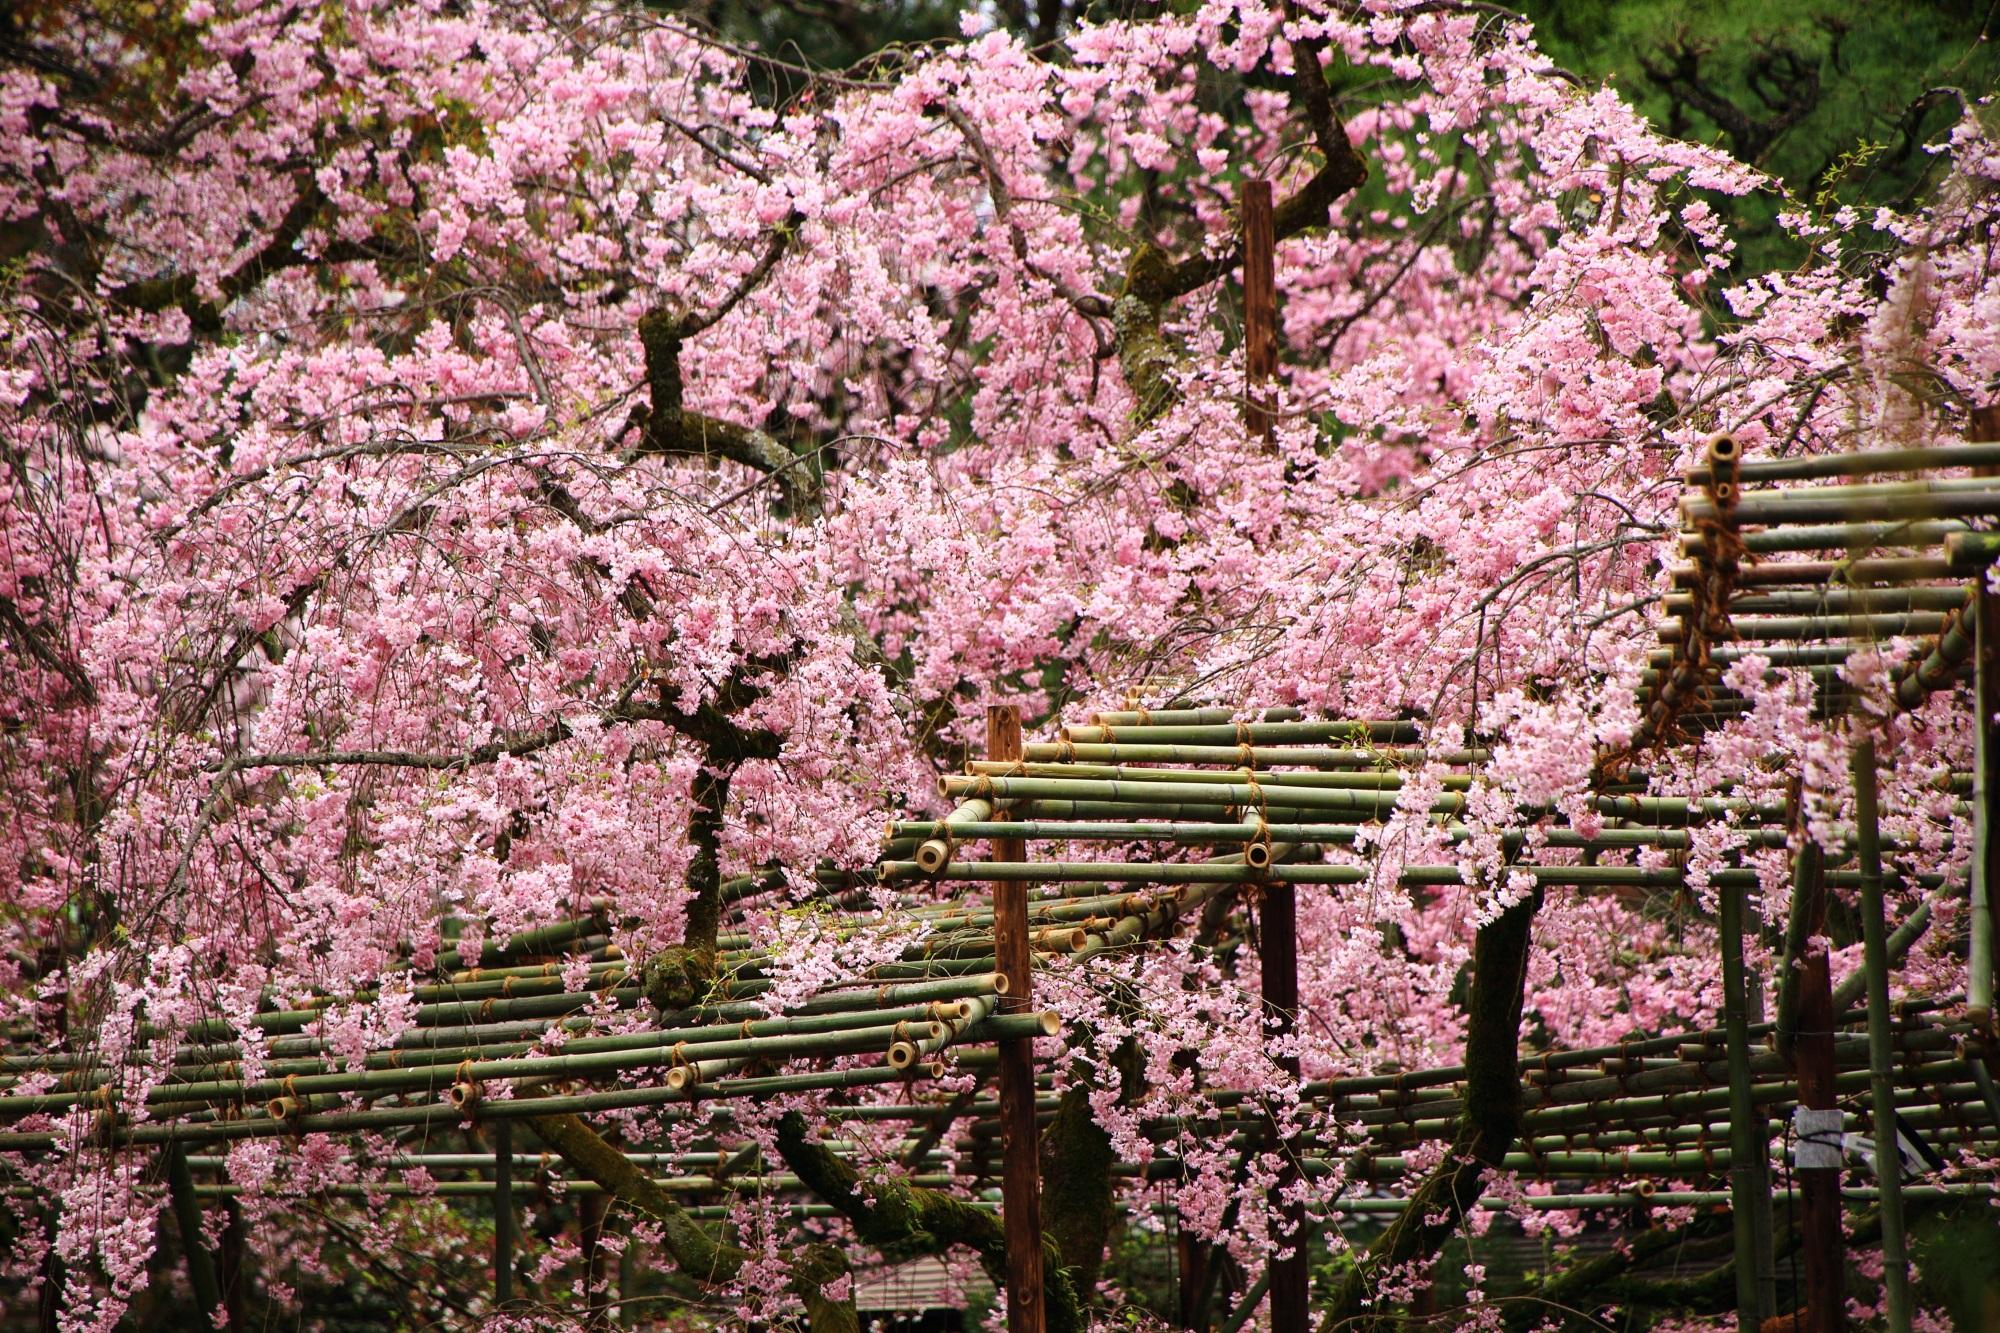 ピンクの桜の花で賑わう平安神宮の神苑